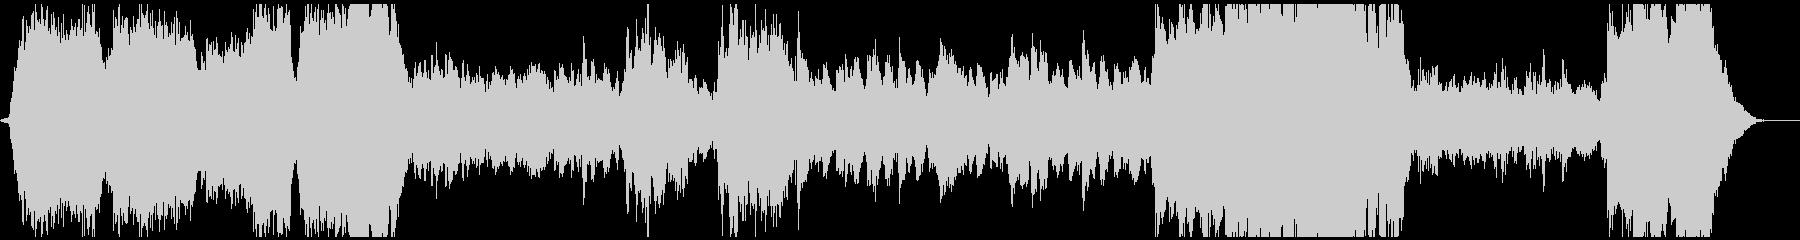 重厚なファンタジー系BGMの未再生の波形